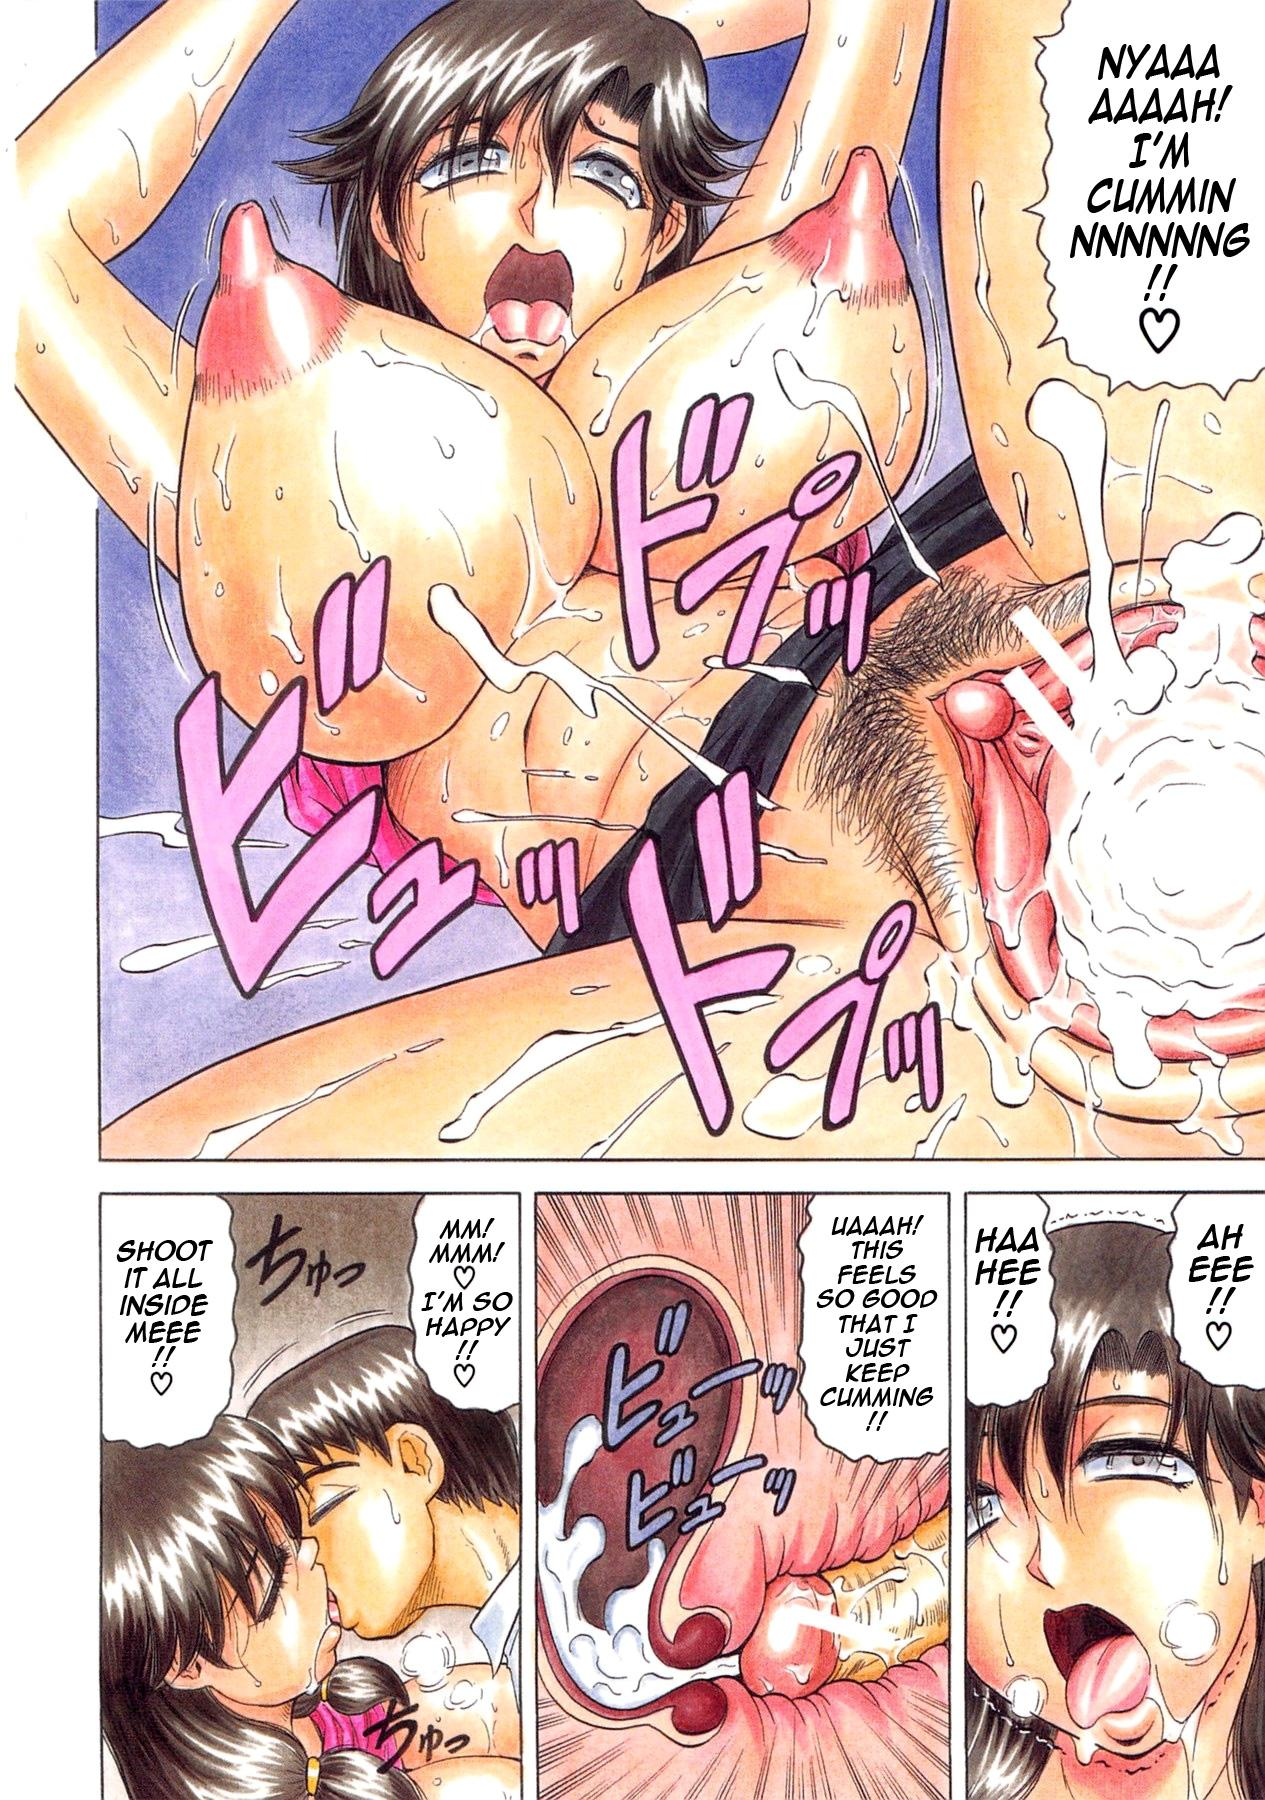 [Jamming] Koibito ha Tonari no Oneesan (Hatsujyouki) | My Lover is the Girl Next Door [English] {Tadanohito} 139